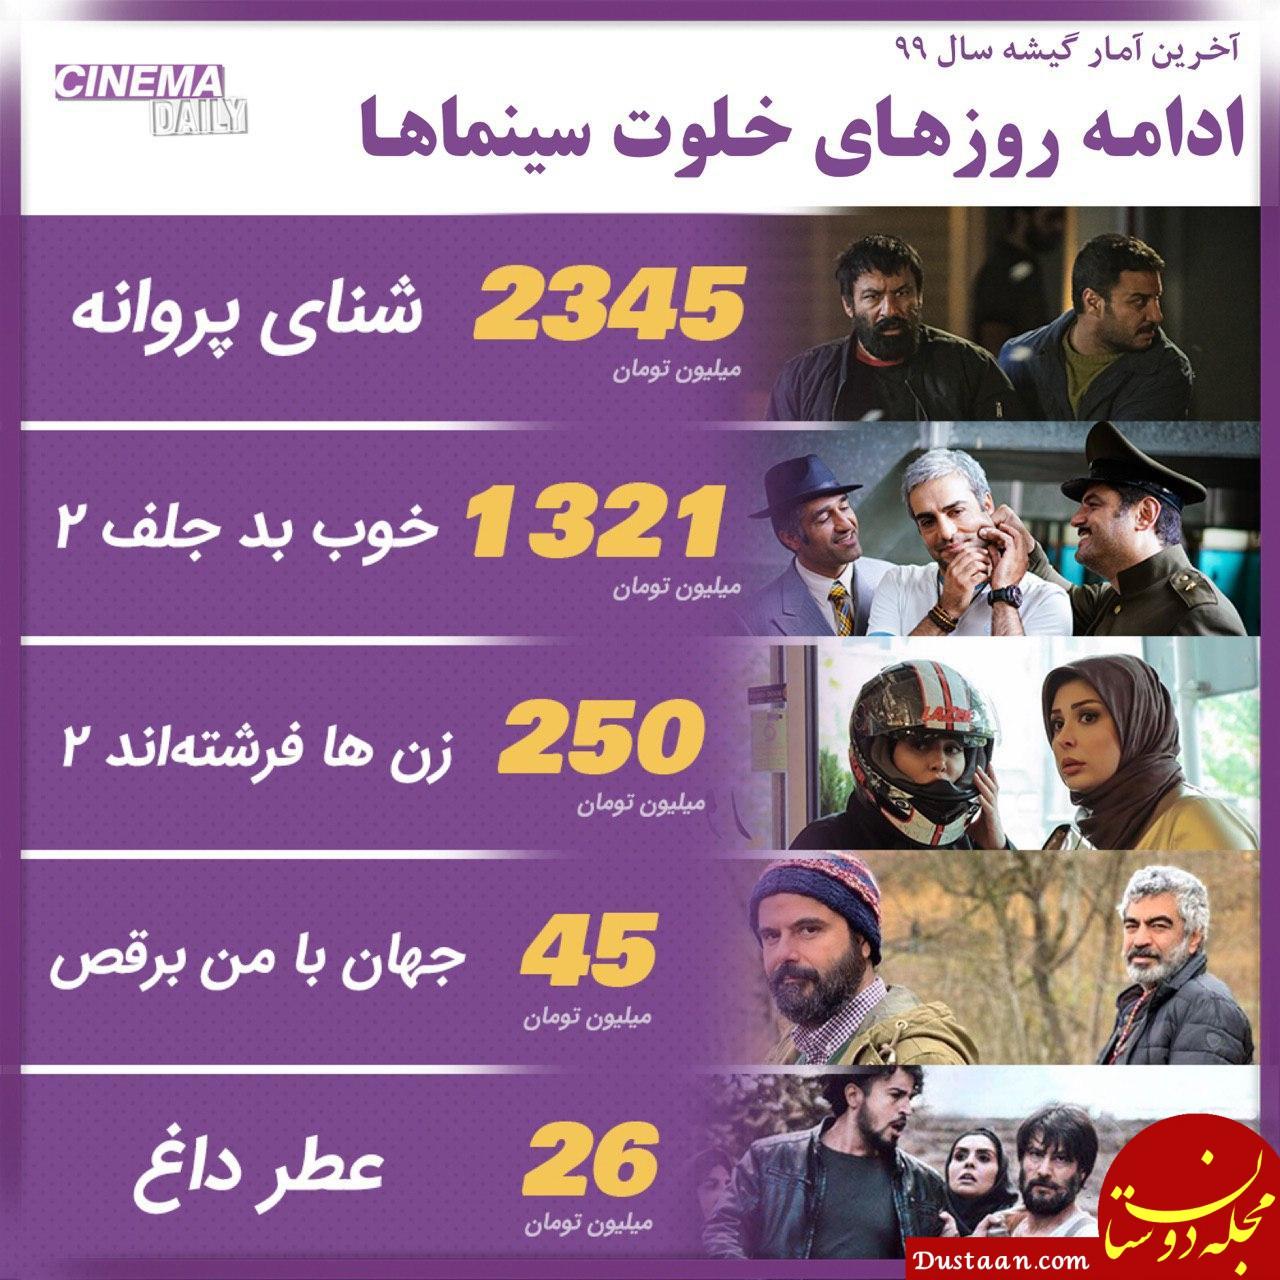 ادامه روزهای خلوت سینماها/ آخرین آمار فروش اکران سال ۹۹